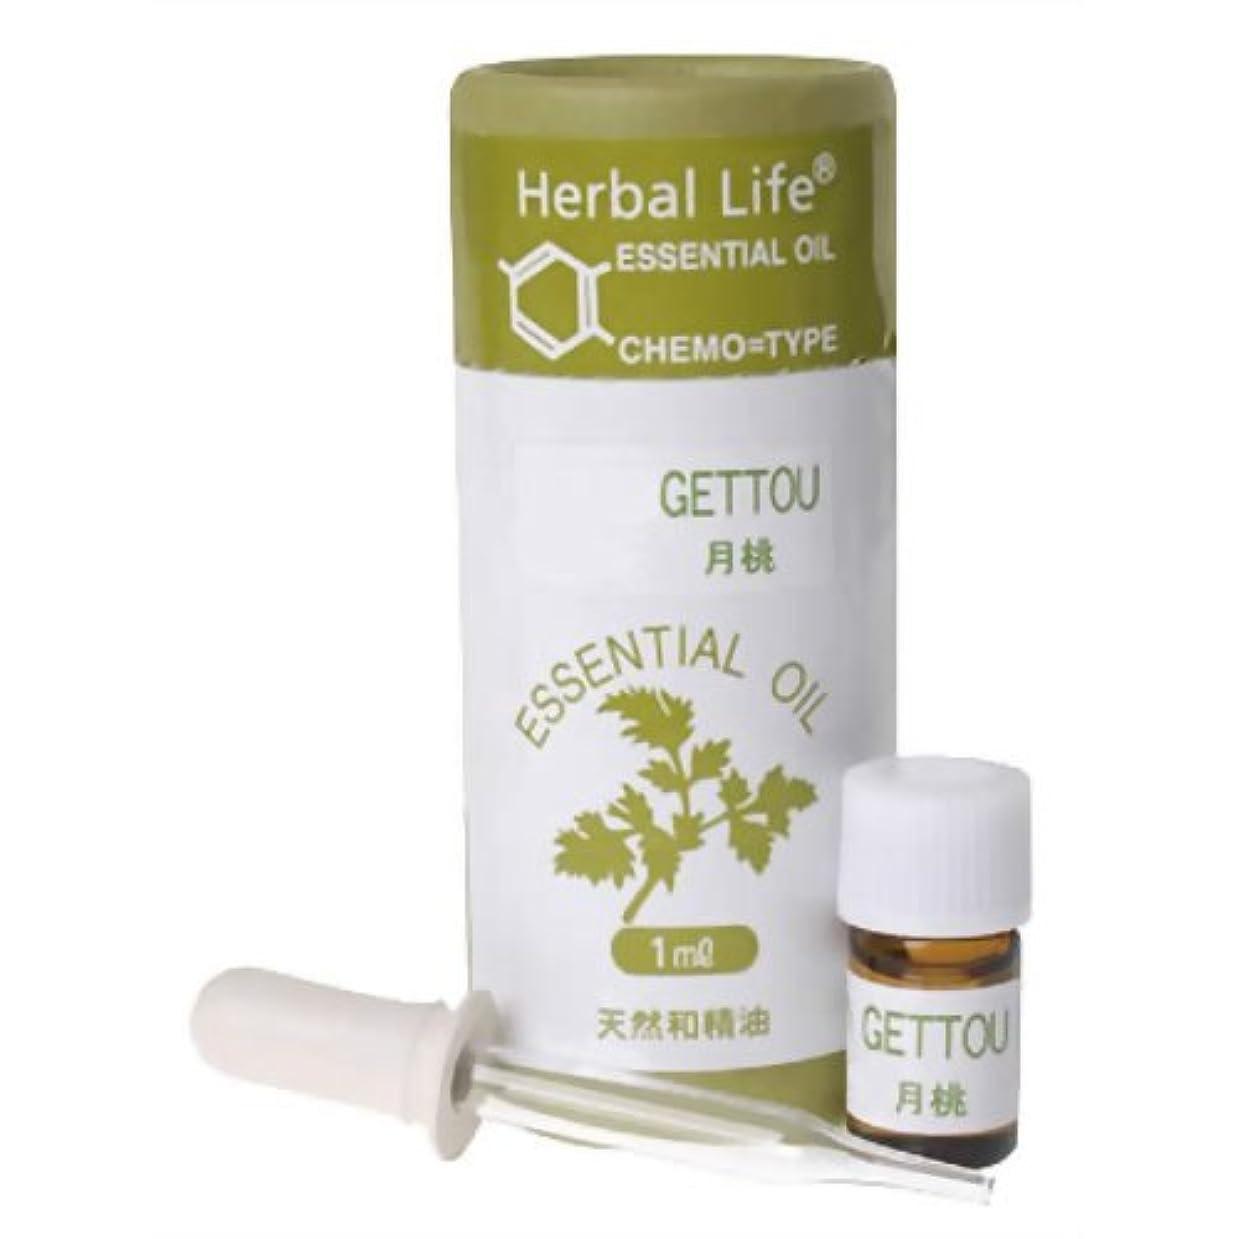 公使館どうやって推論生活の木 Herbal Life月桃 1ml